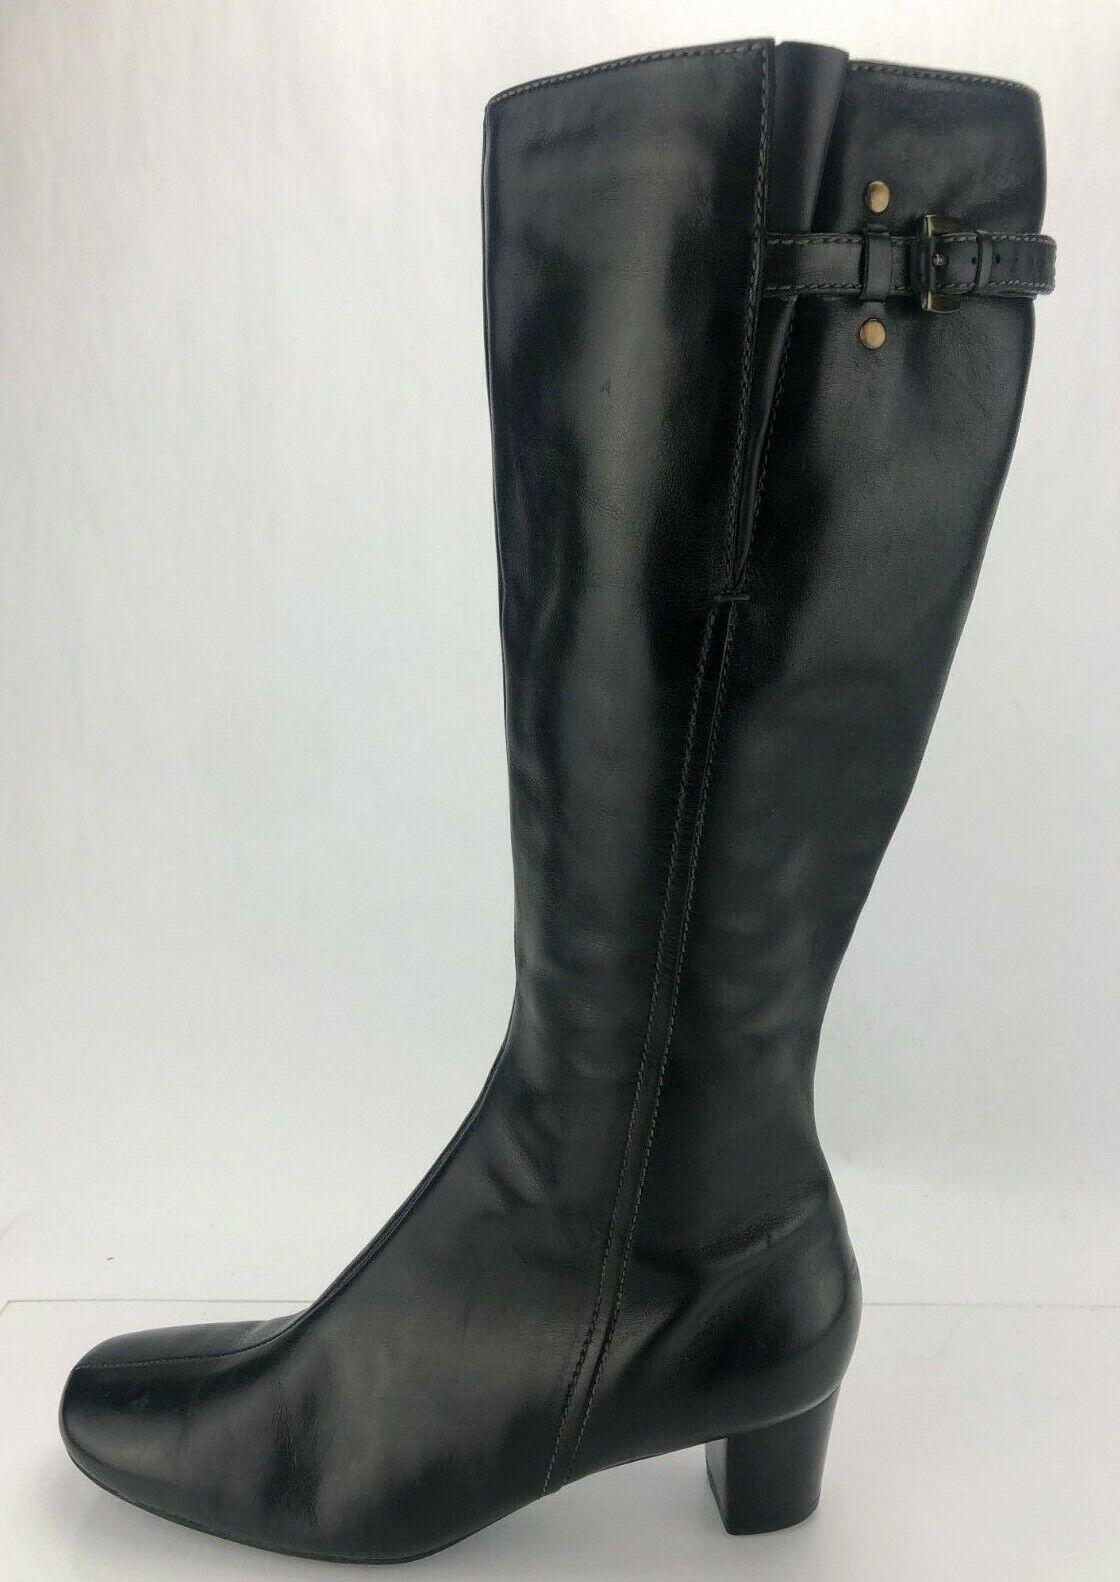 Ecco la Rodilla botas Altas Cuero Negro Cremallera Lateral Alto Tacones De Moda Para Mujer 40 9 9.5